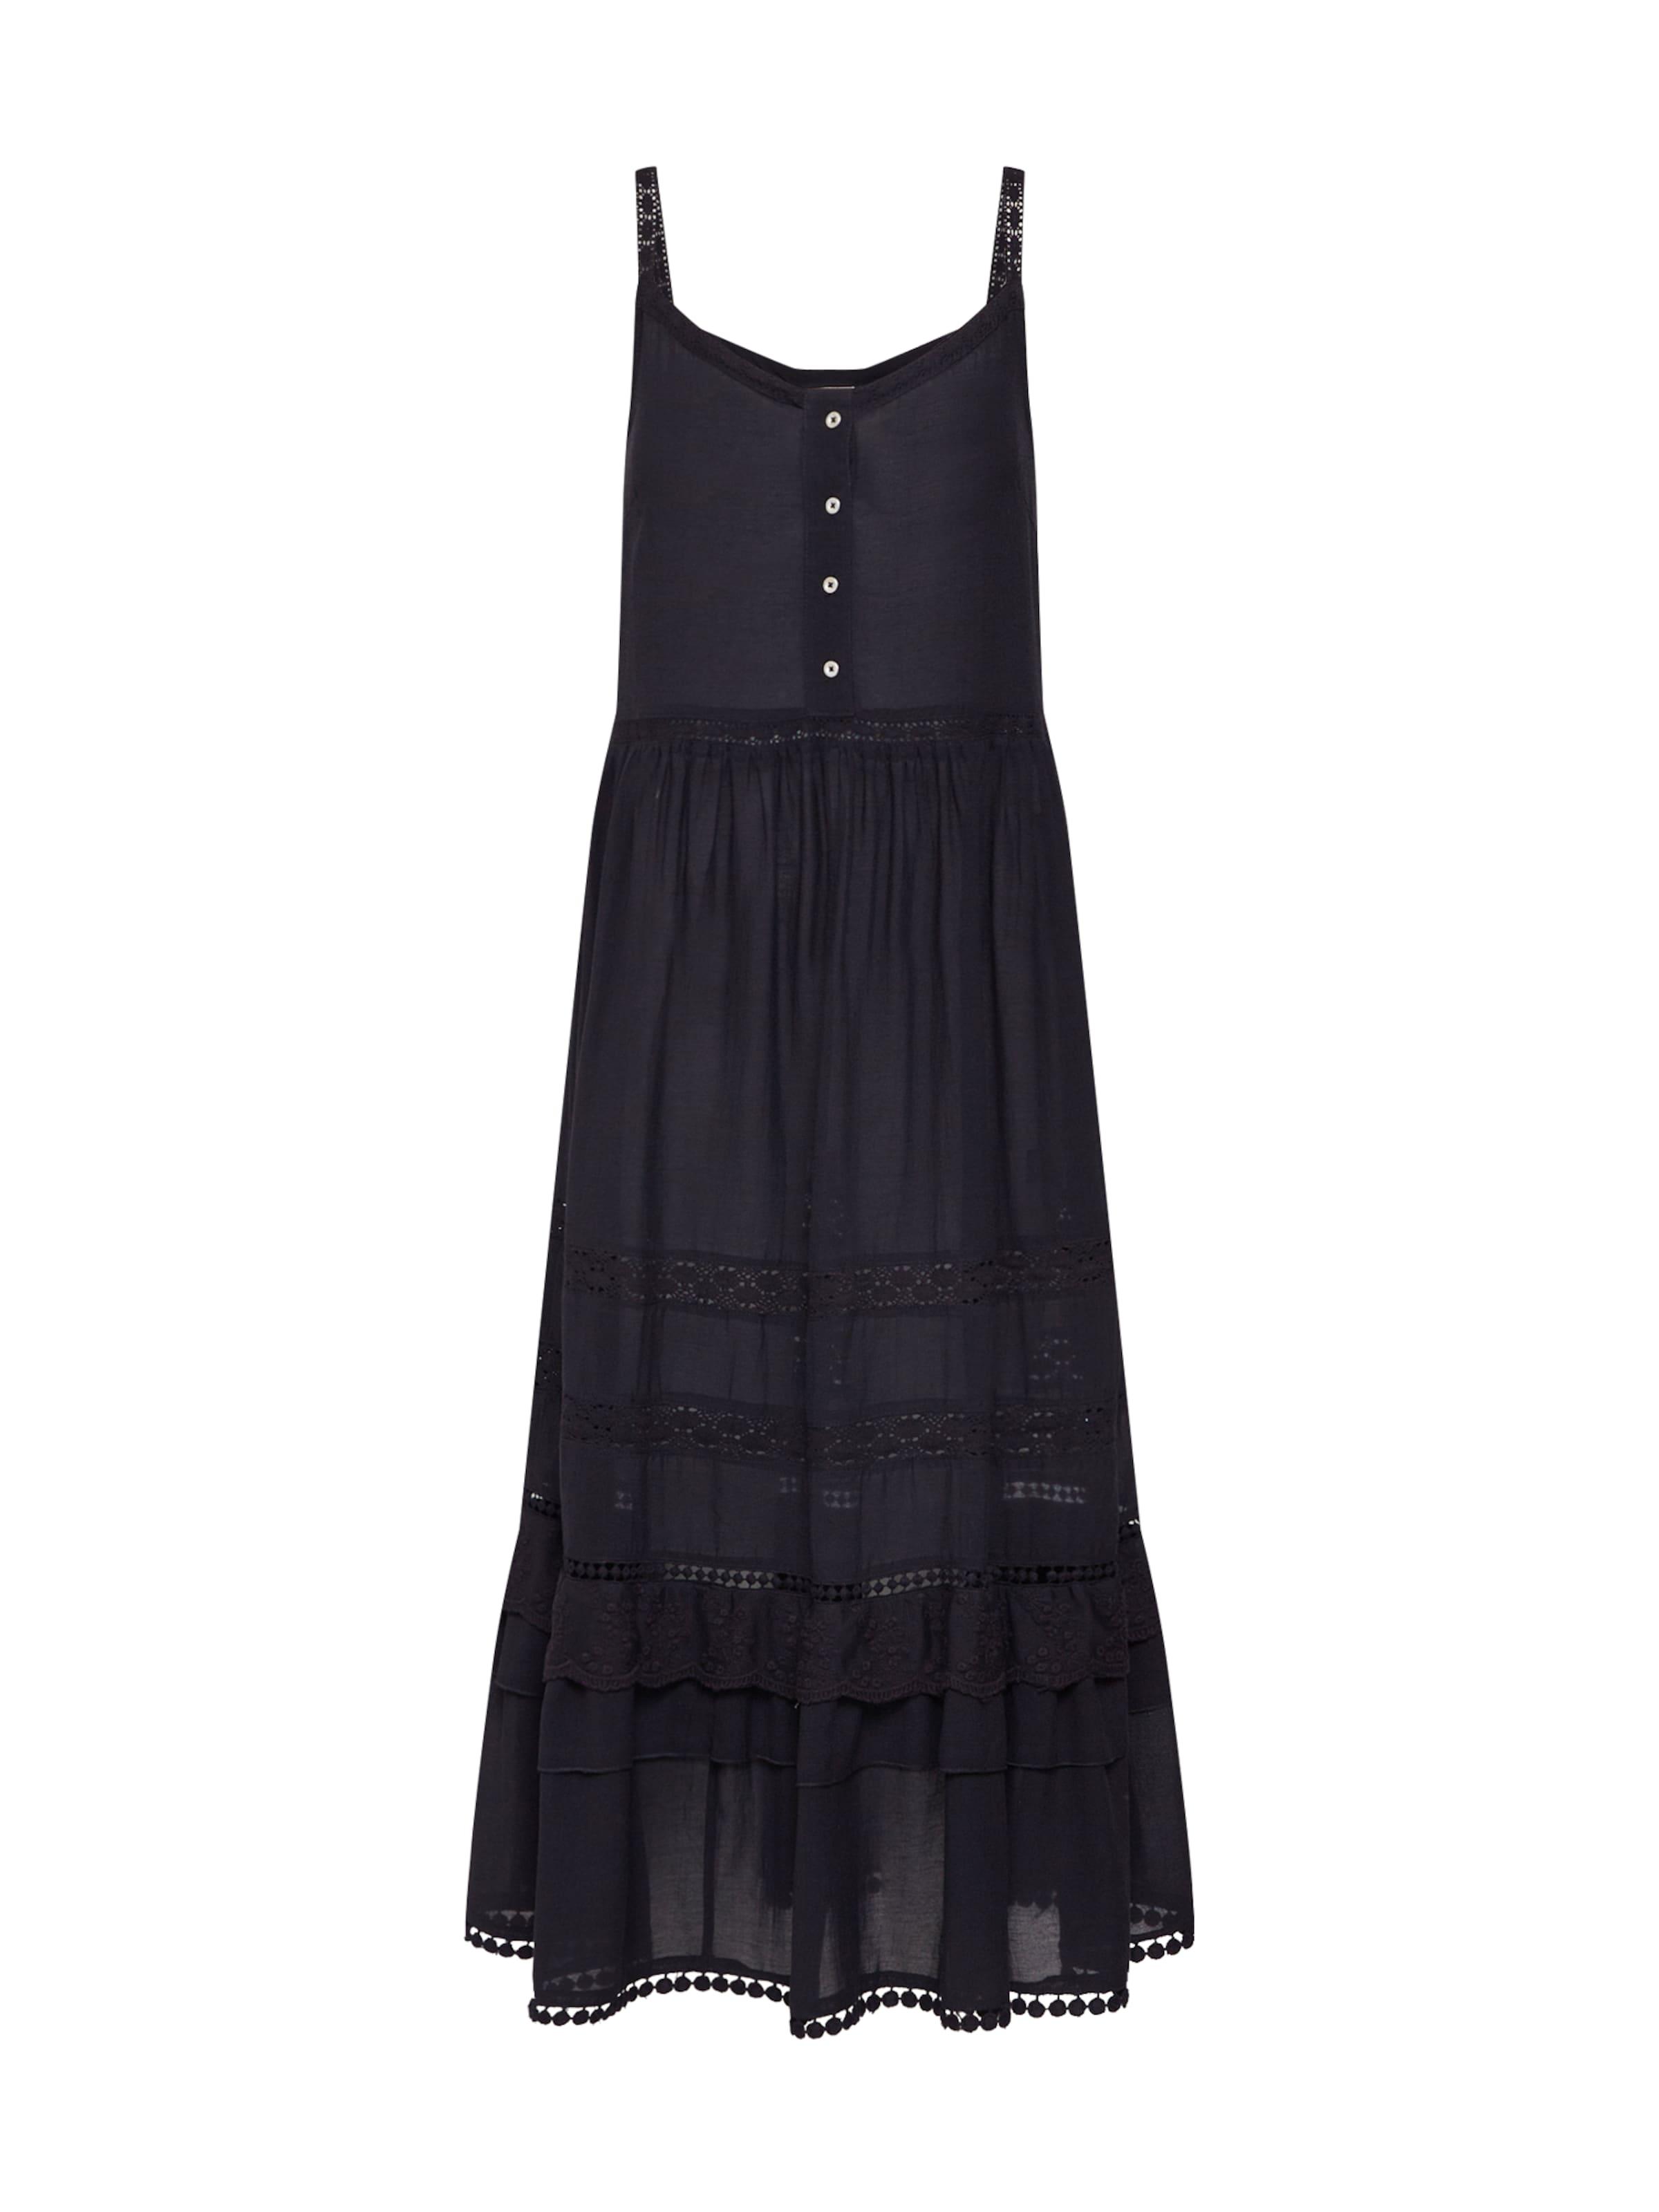 l Midi Robe 'vijamina Dress' Vila En Noir S D'été mnPOyvNw08